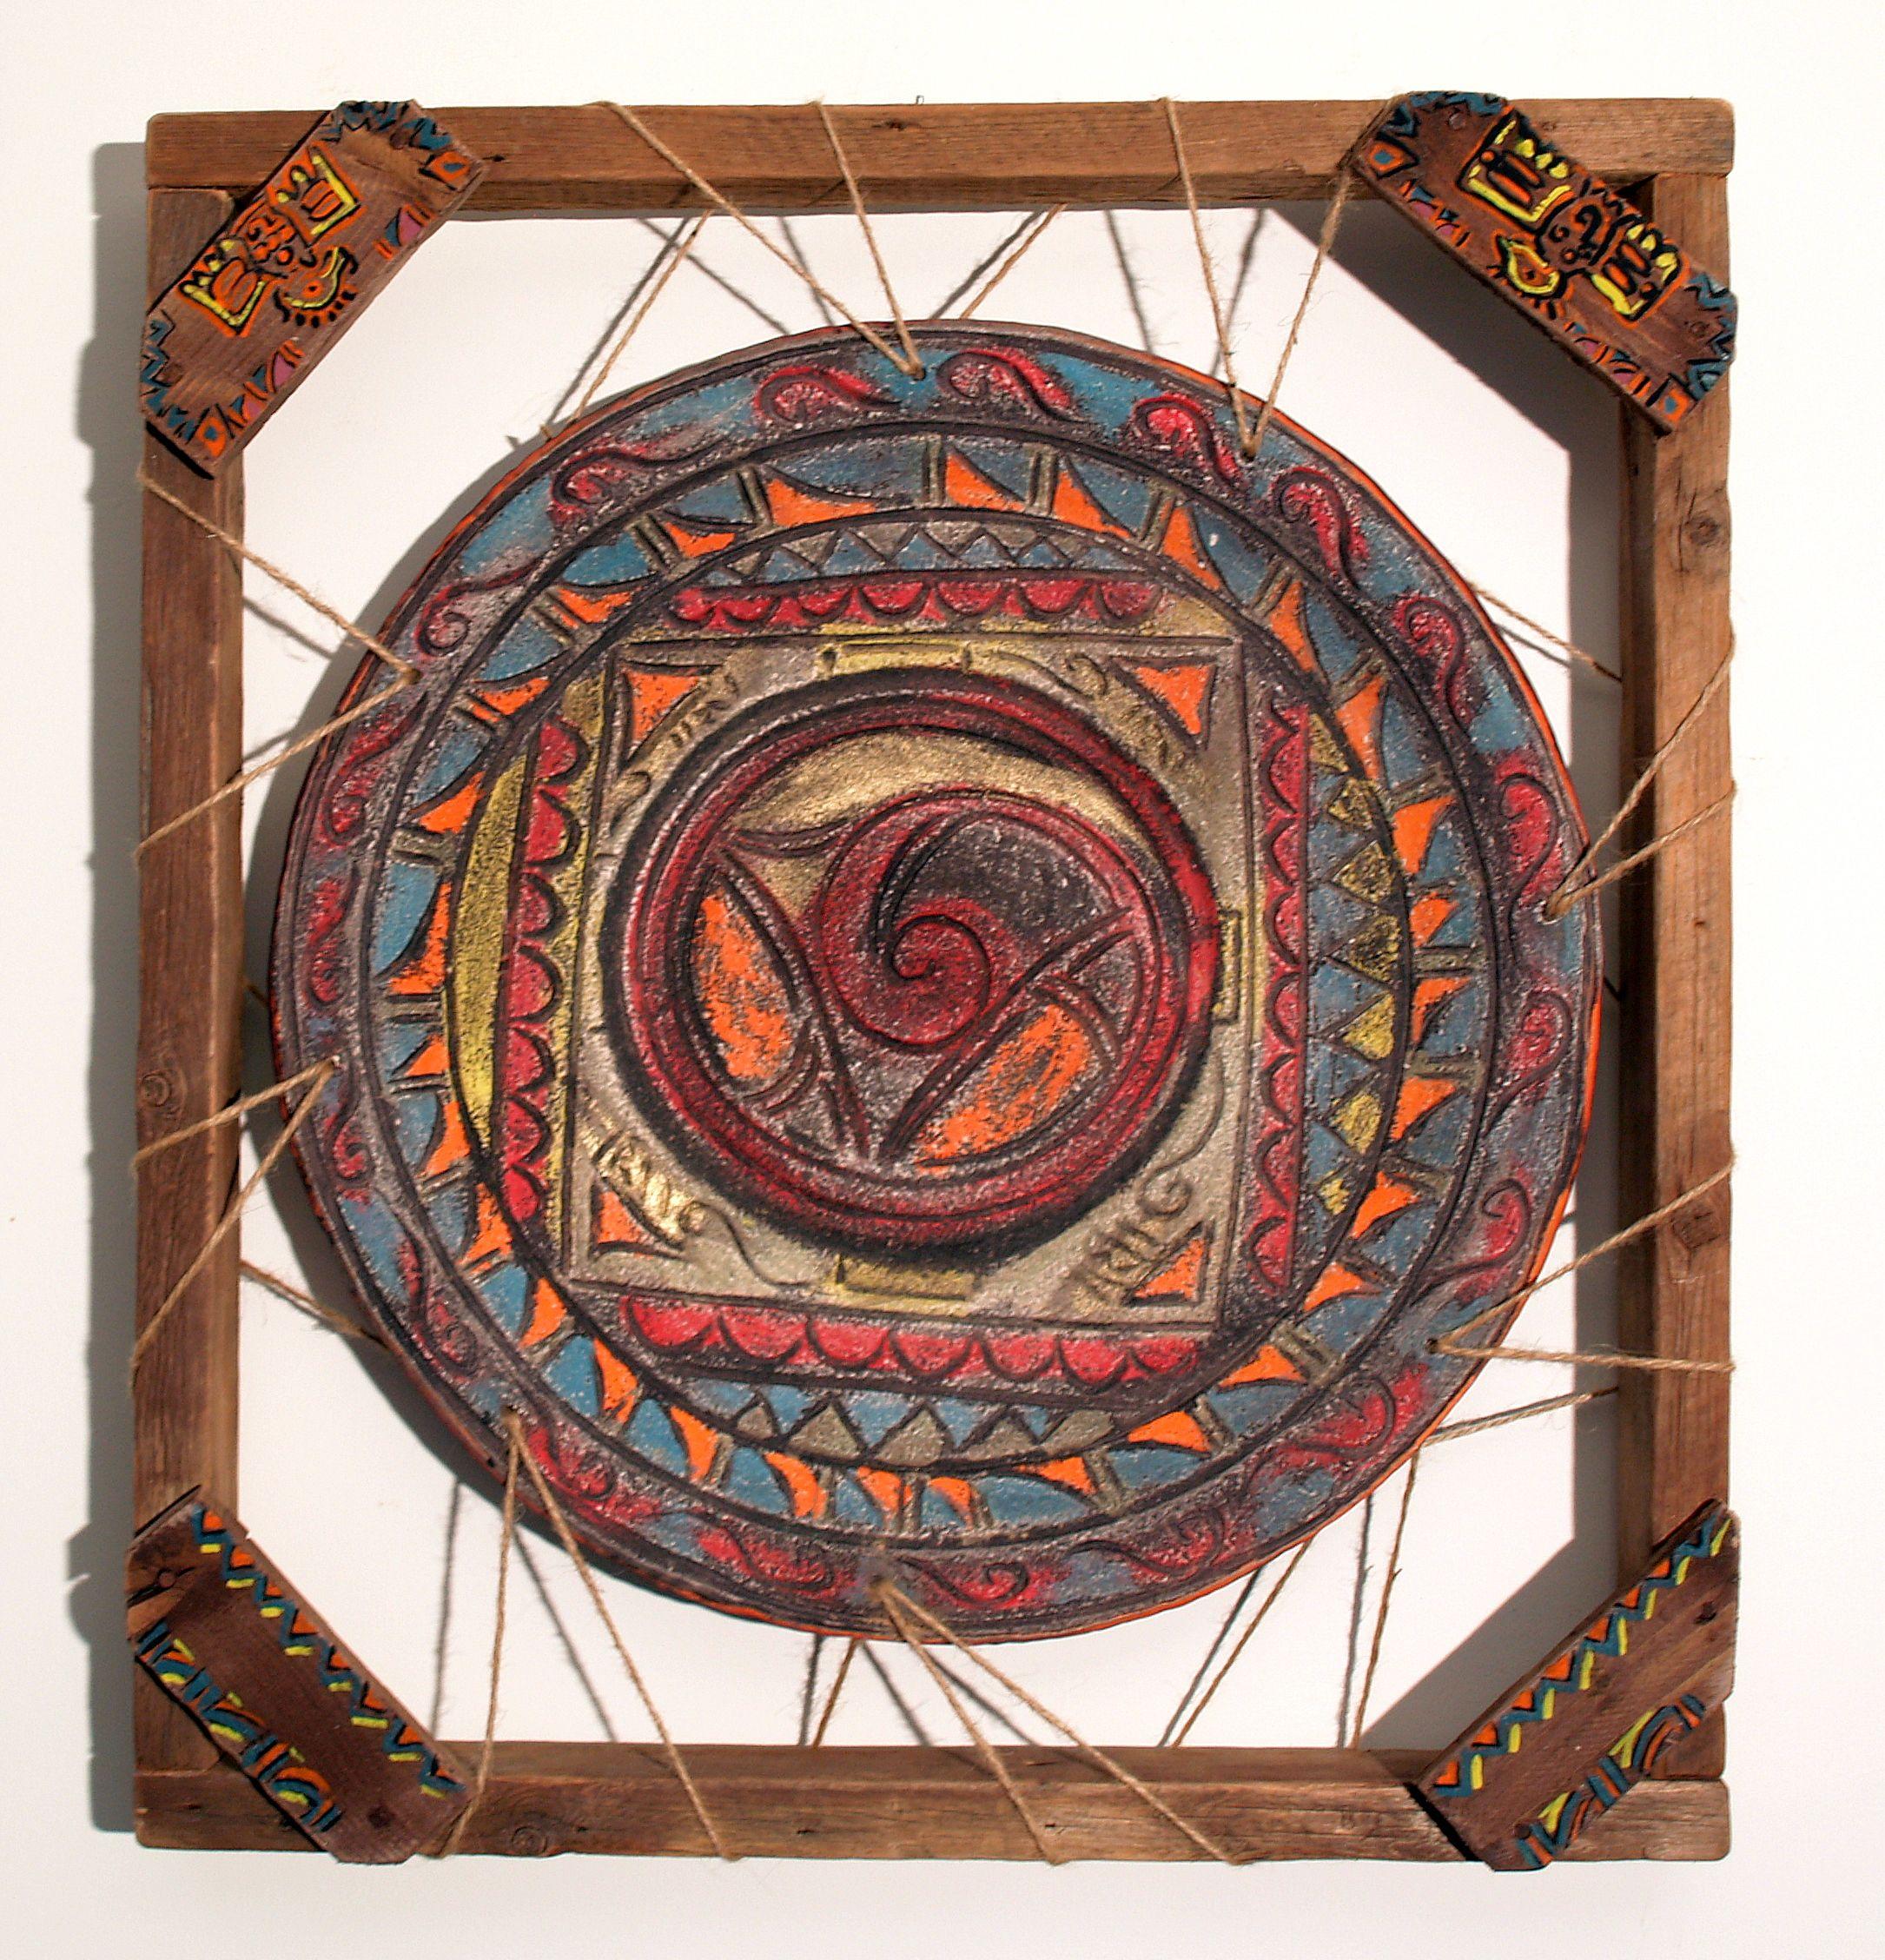 Indián tál fali kerettel : A gyöngyörűséges indián tálhoz a kor szellemében készítettem antik újrafelhasznált fa kerettel való installációt